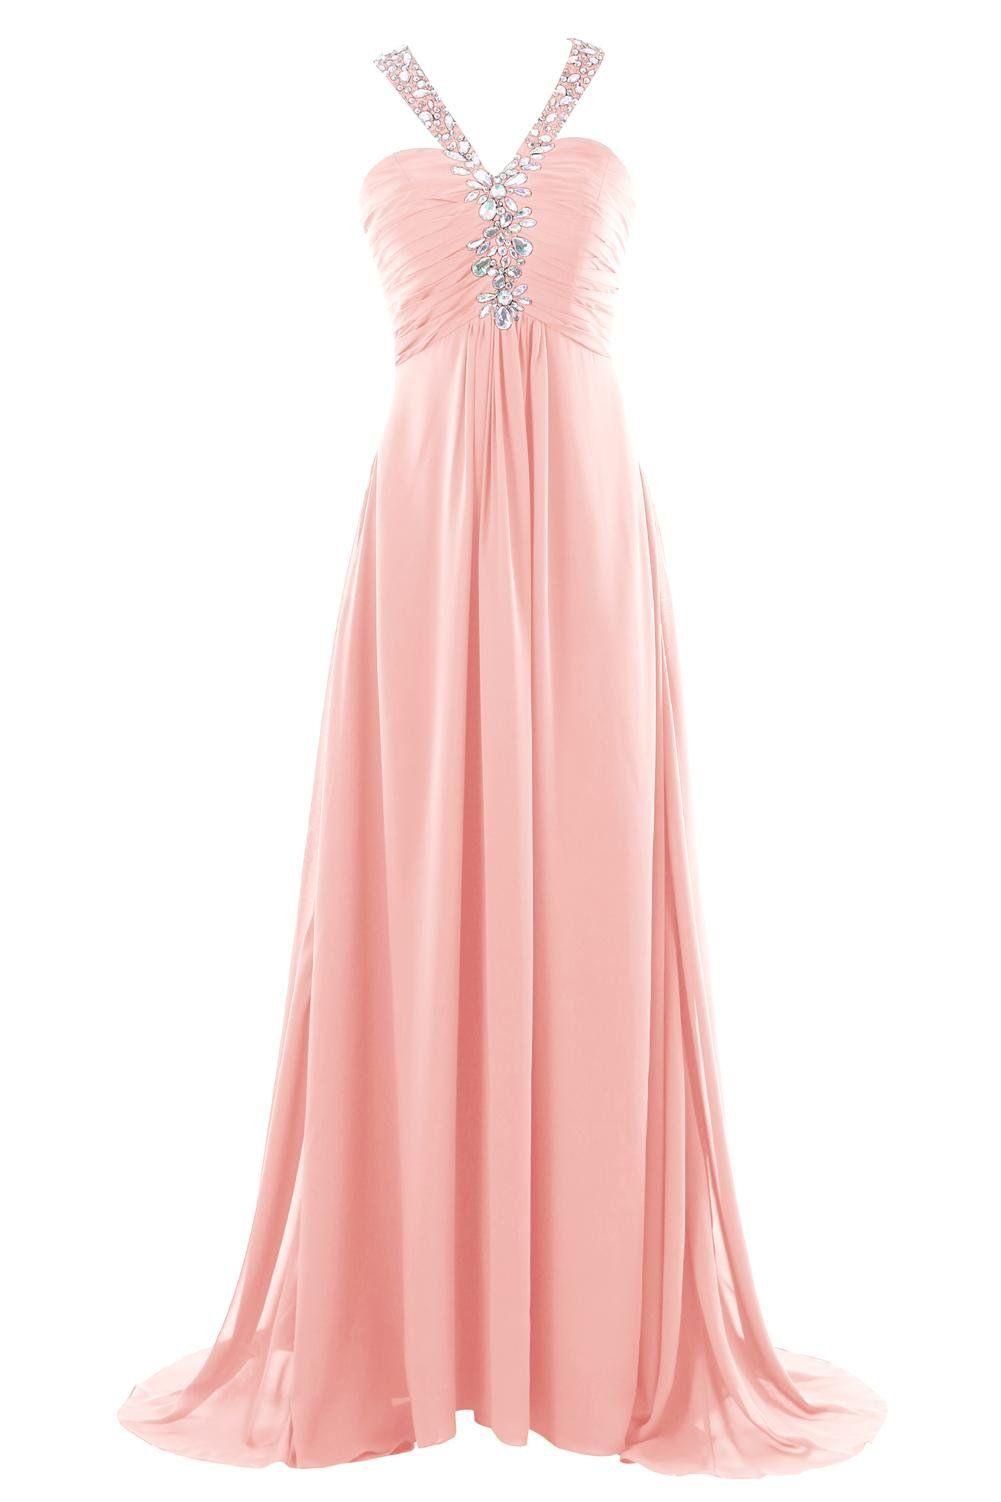 Formal Genial Elegantes Abendkleid Vertrieb10 Schön Elegantes Abendkleid Bester Preis